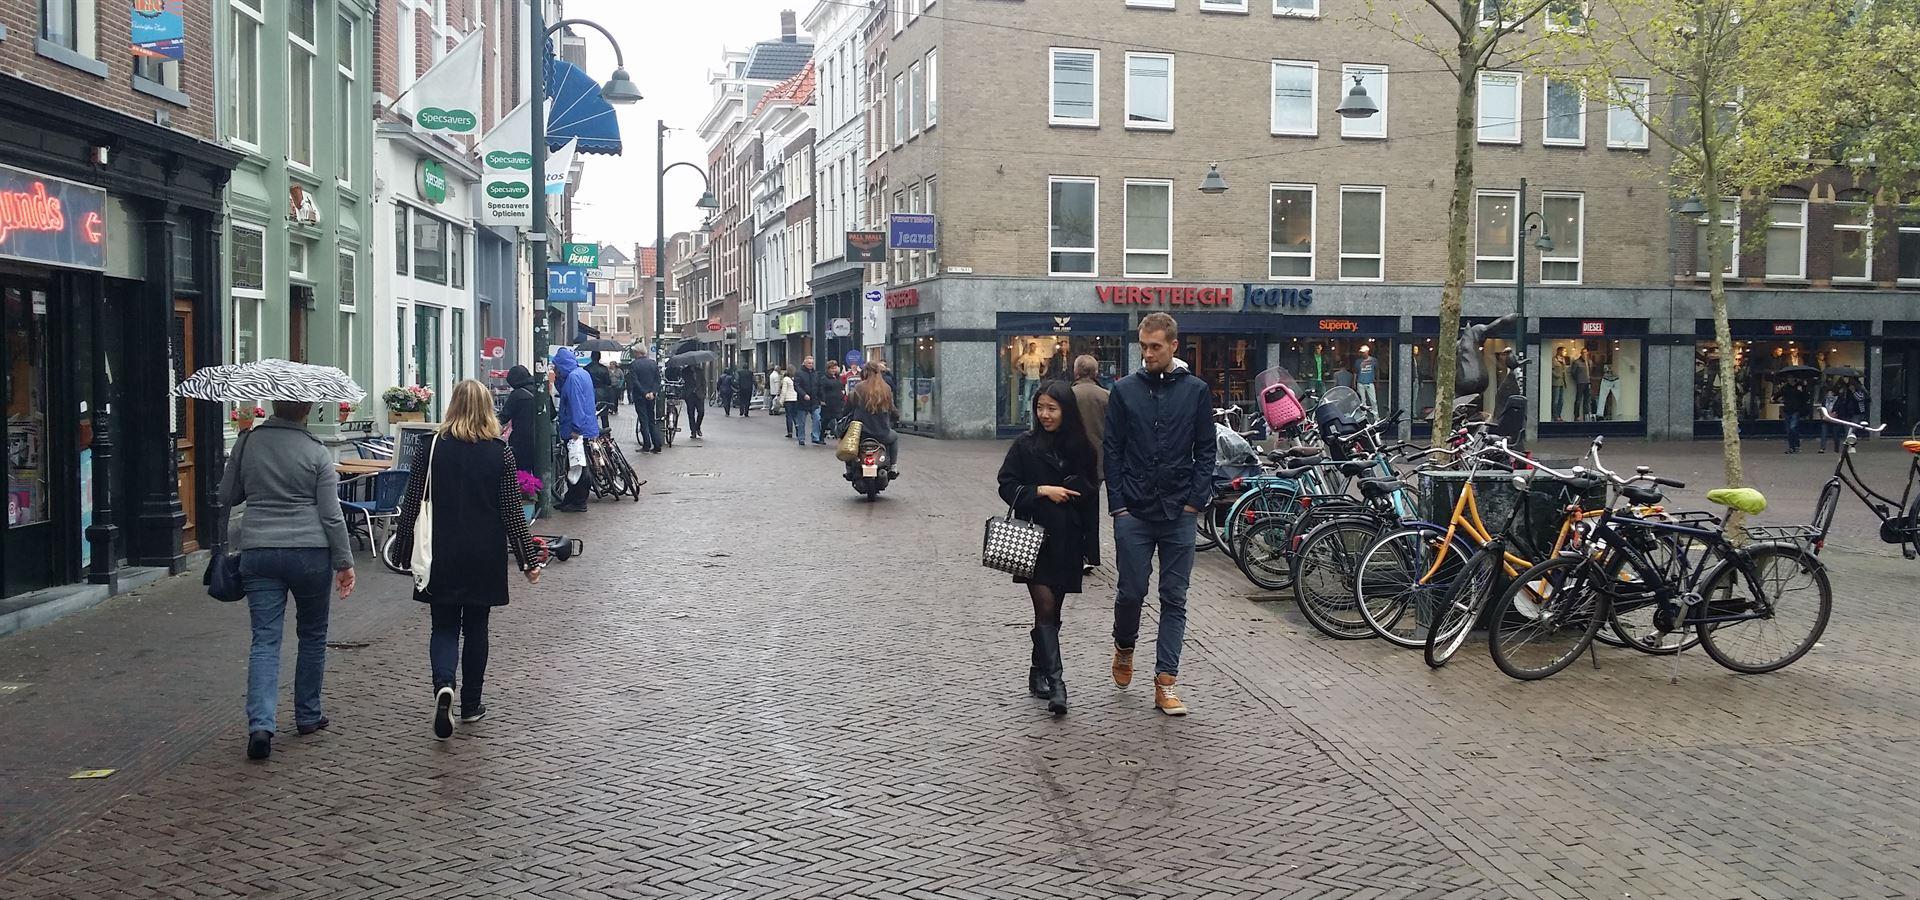 Delft Şehir İçi Ulaşım